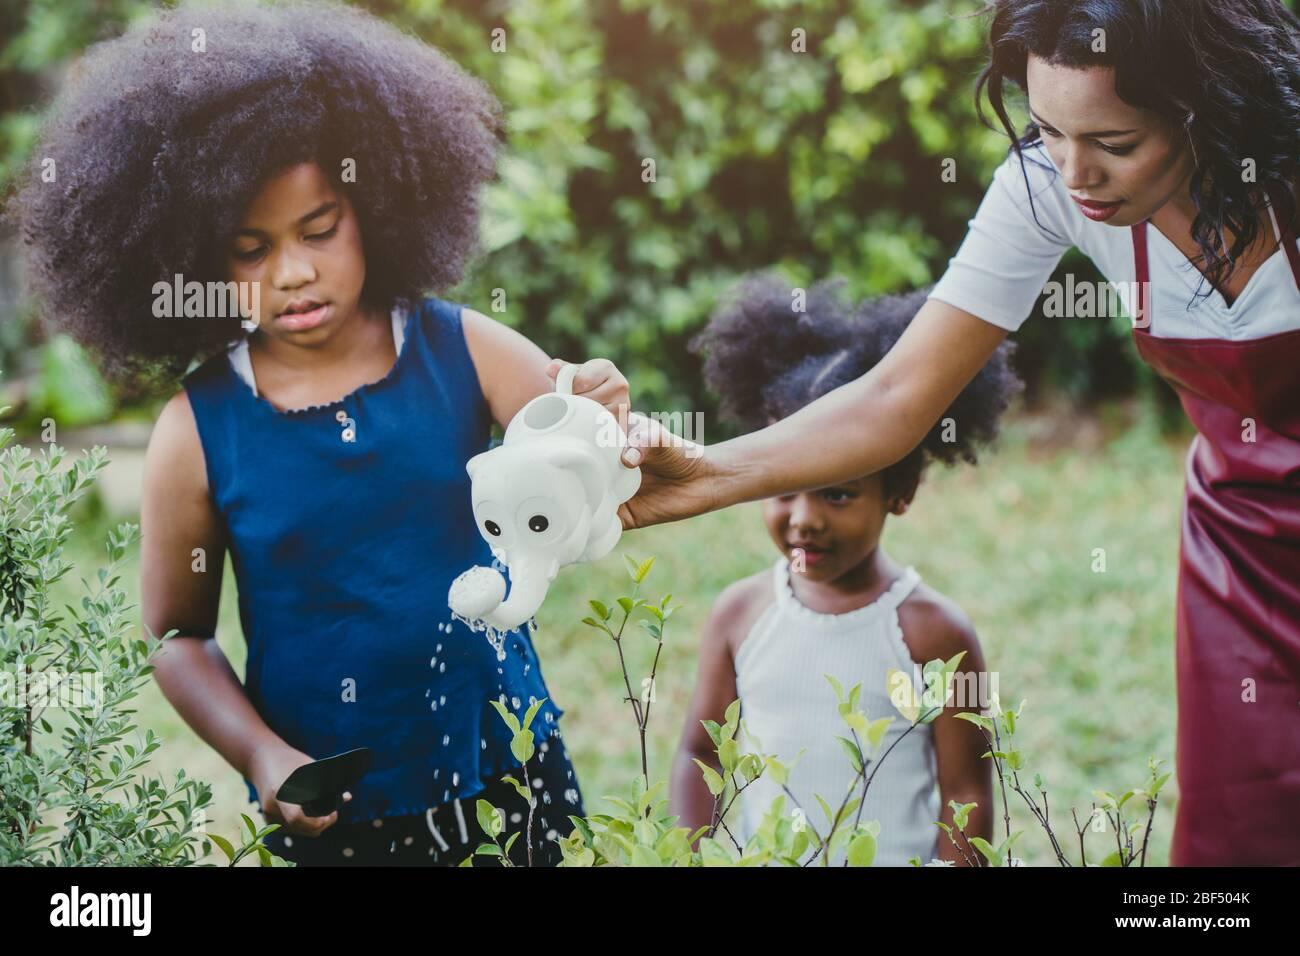 Familia hermosa jardinería riego de plantas verdes actividad con los niños durante la estancia en el hogar para reducir el brote del Coronavirus. Niños regar t Foto de stock